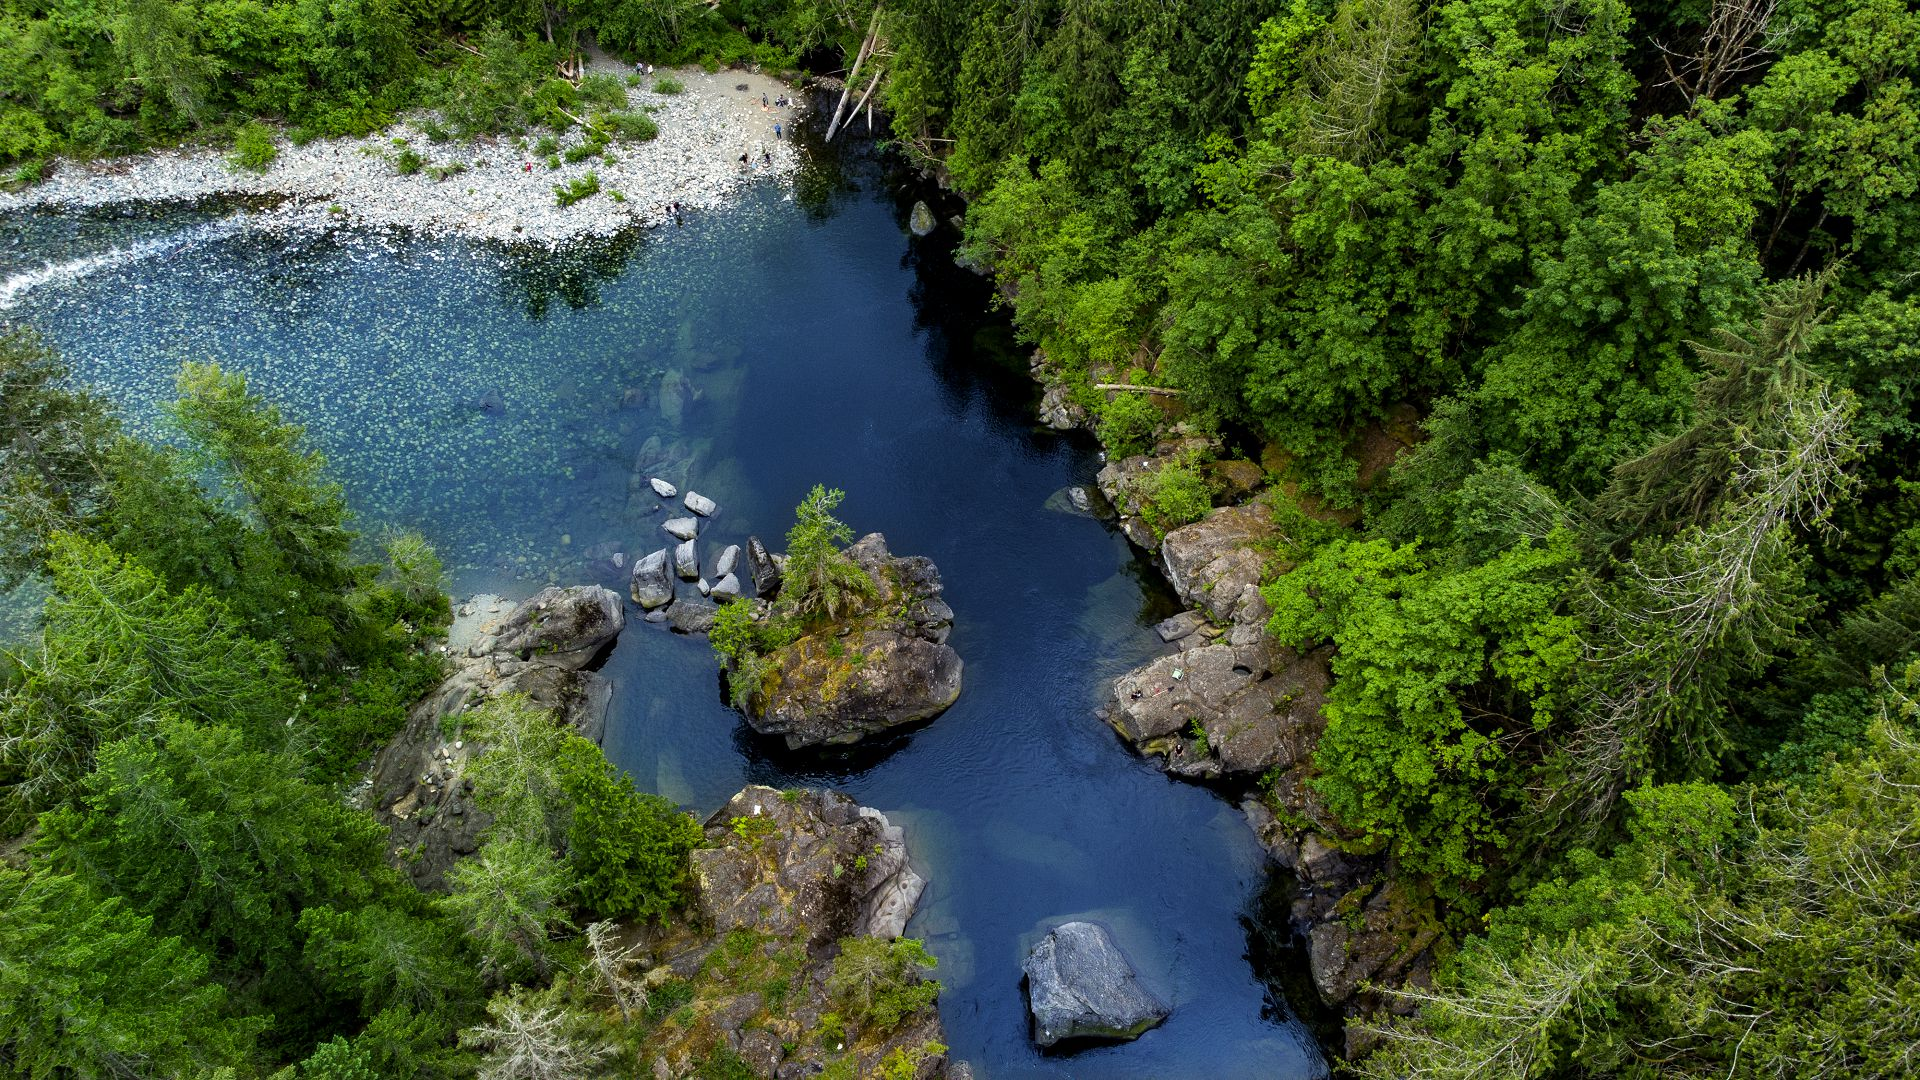 Nanaimo river swimming hole